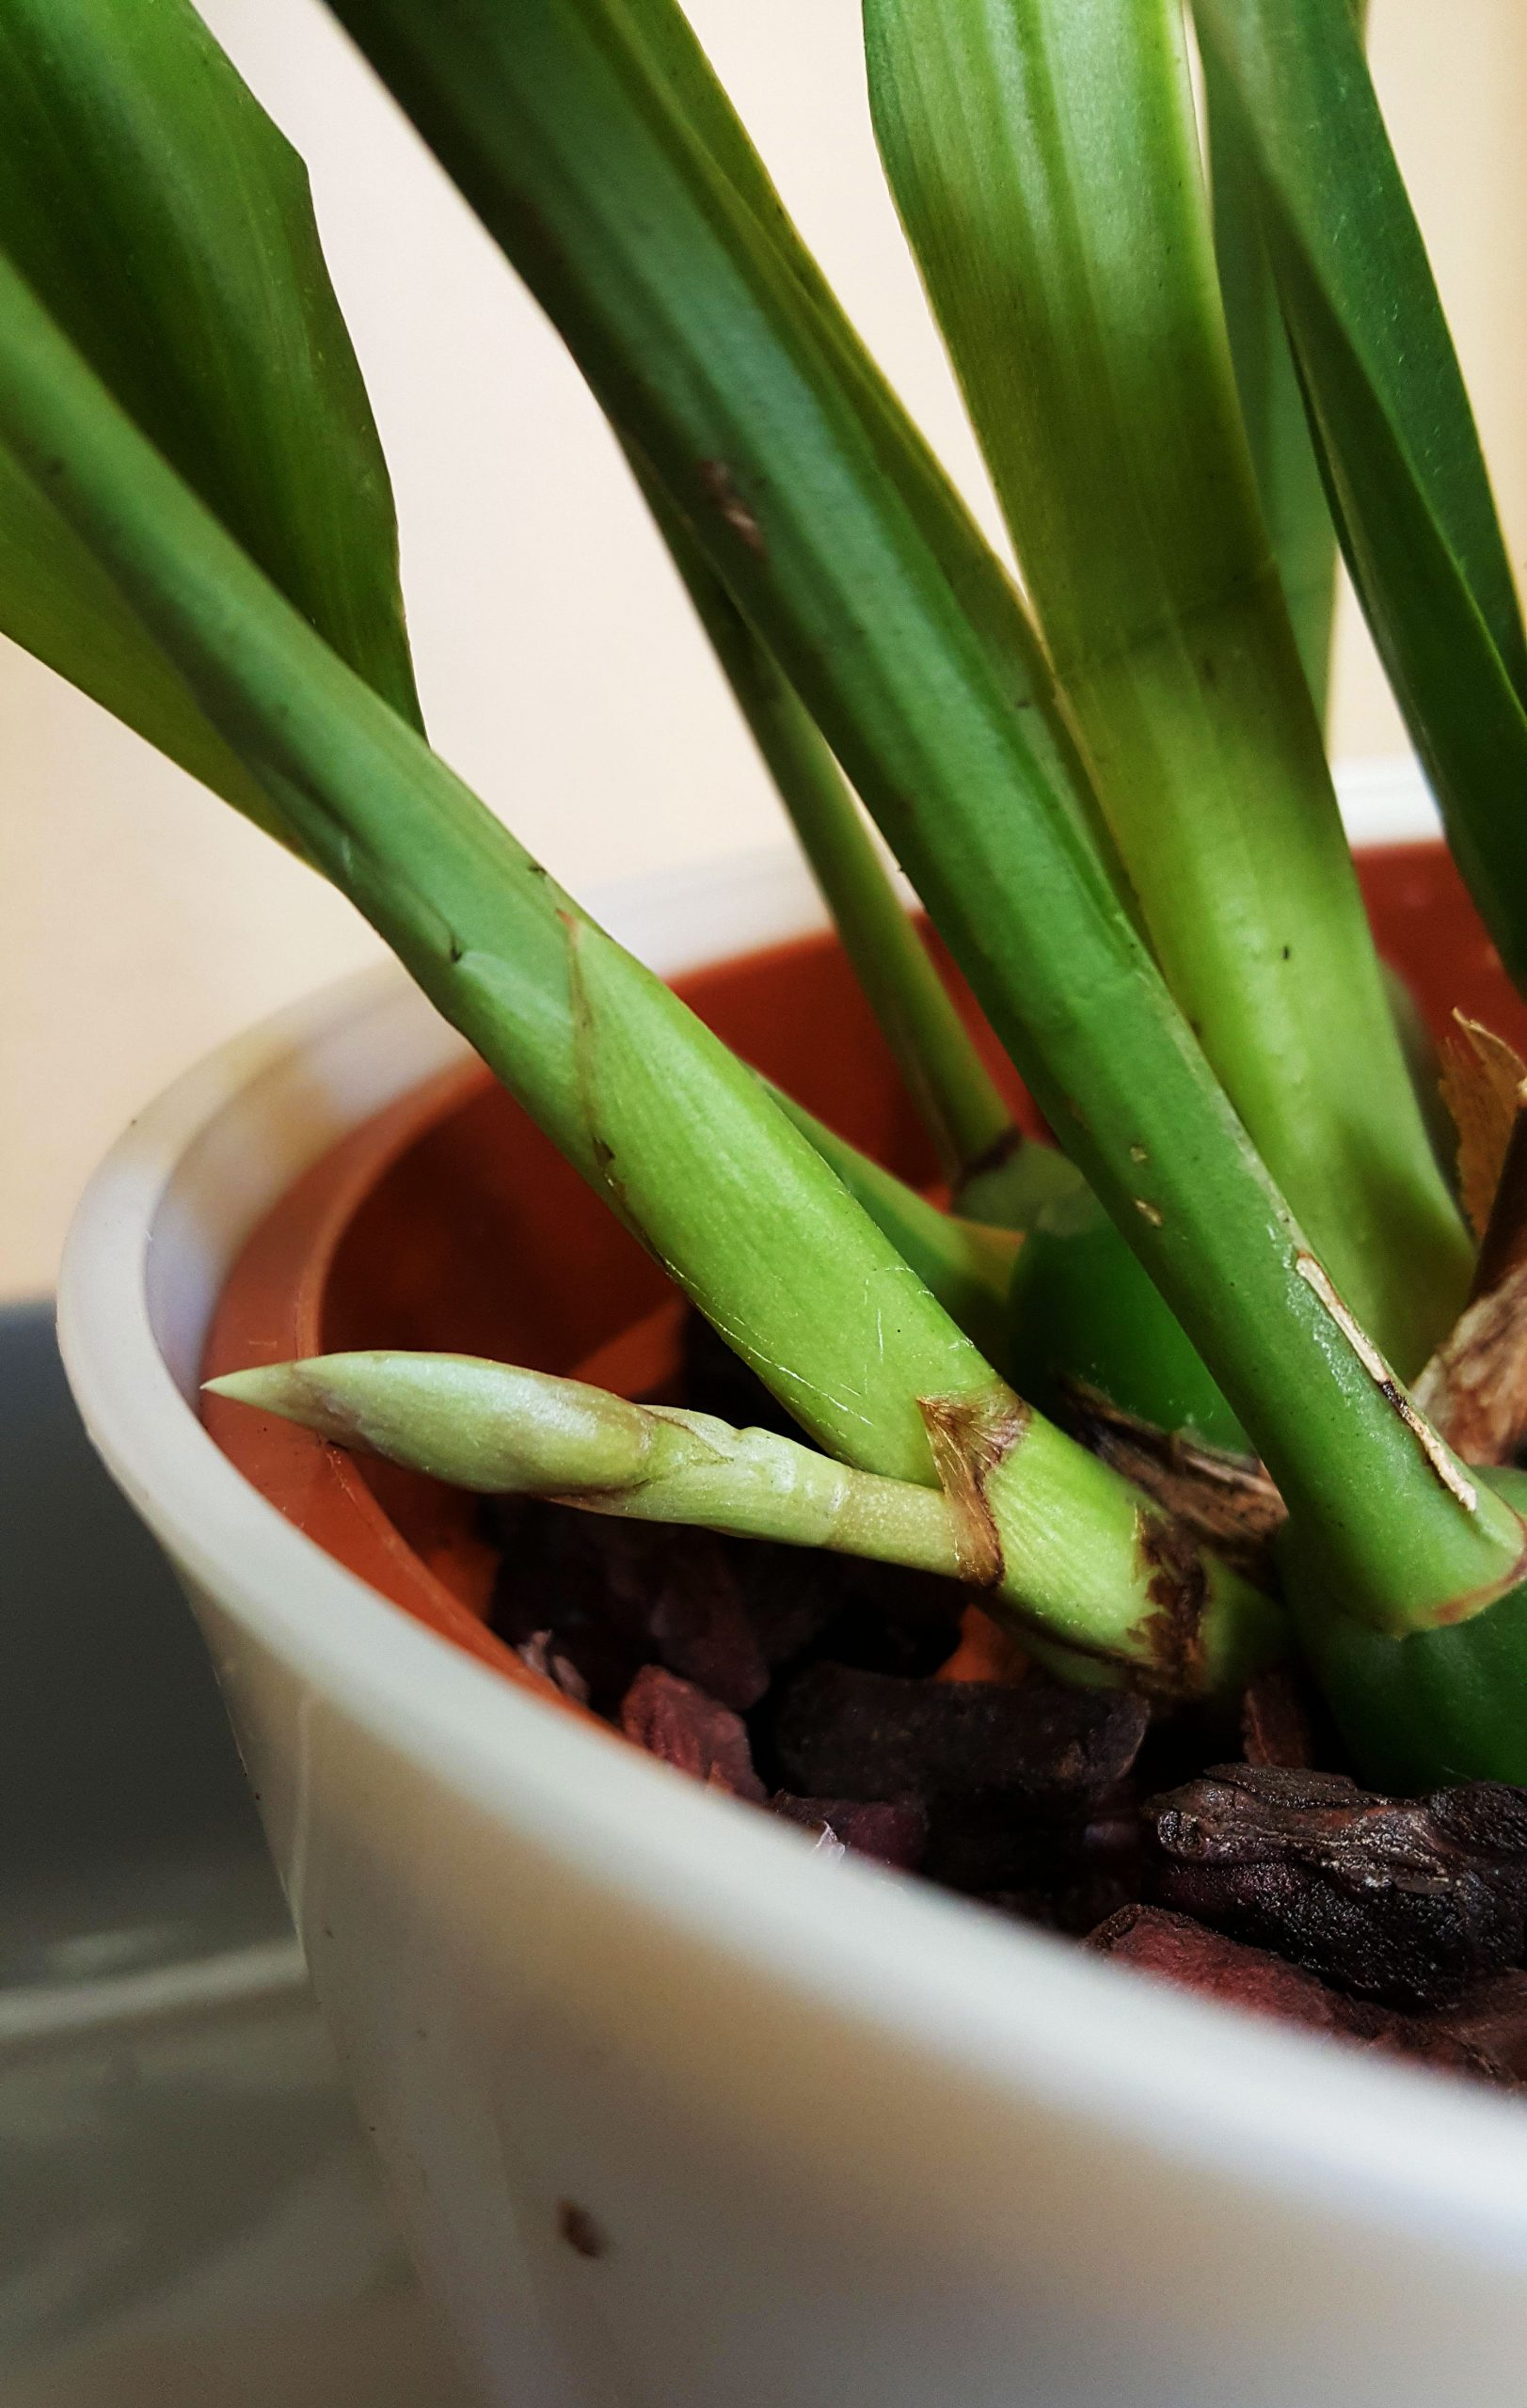 美兰Acacallis cyanea实拍高清图集欣赏